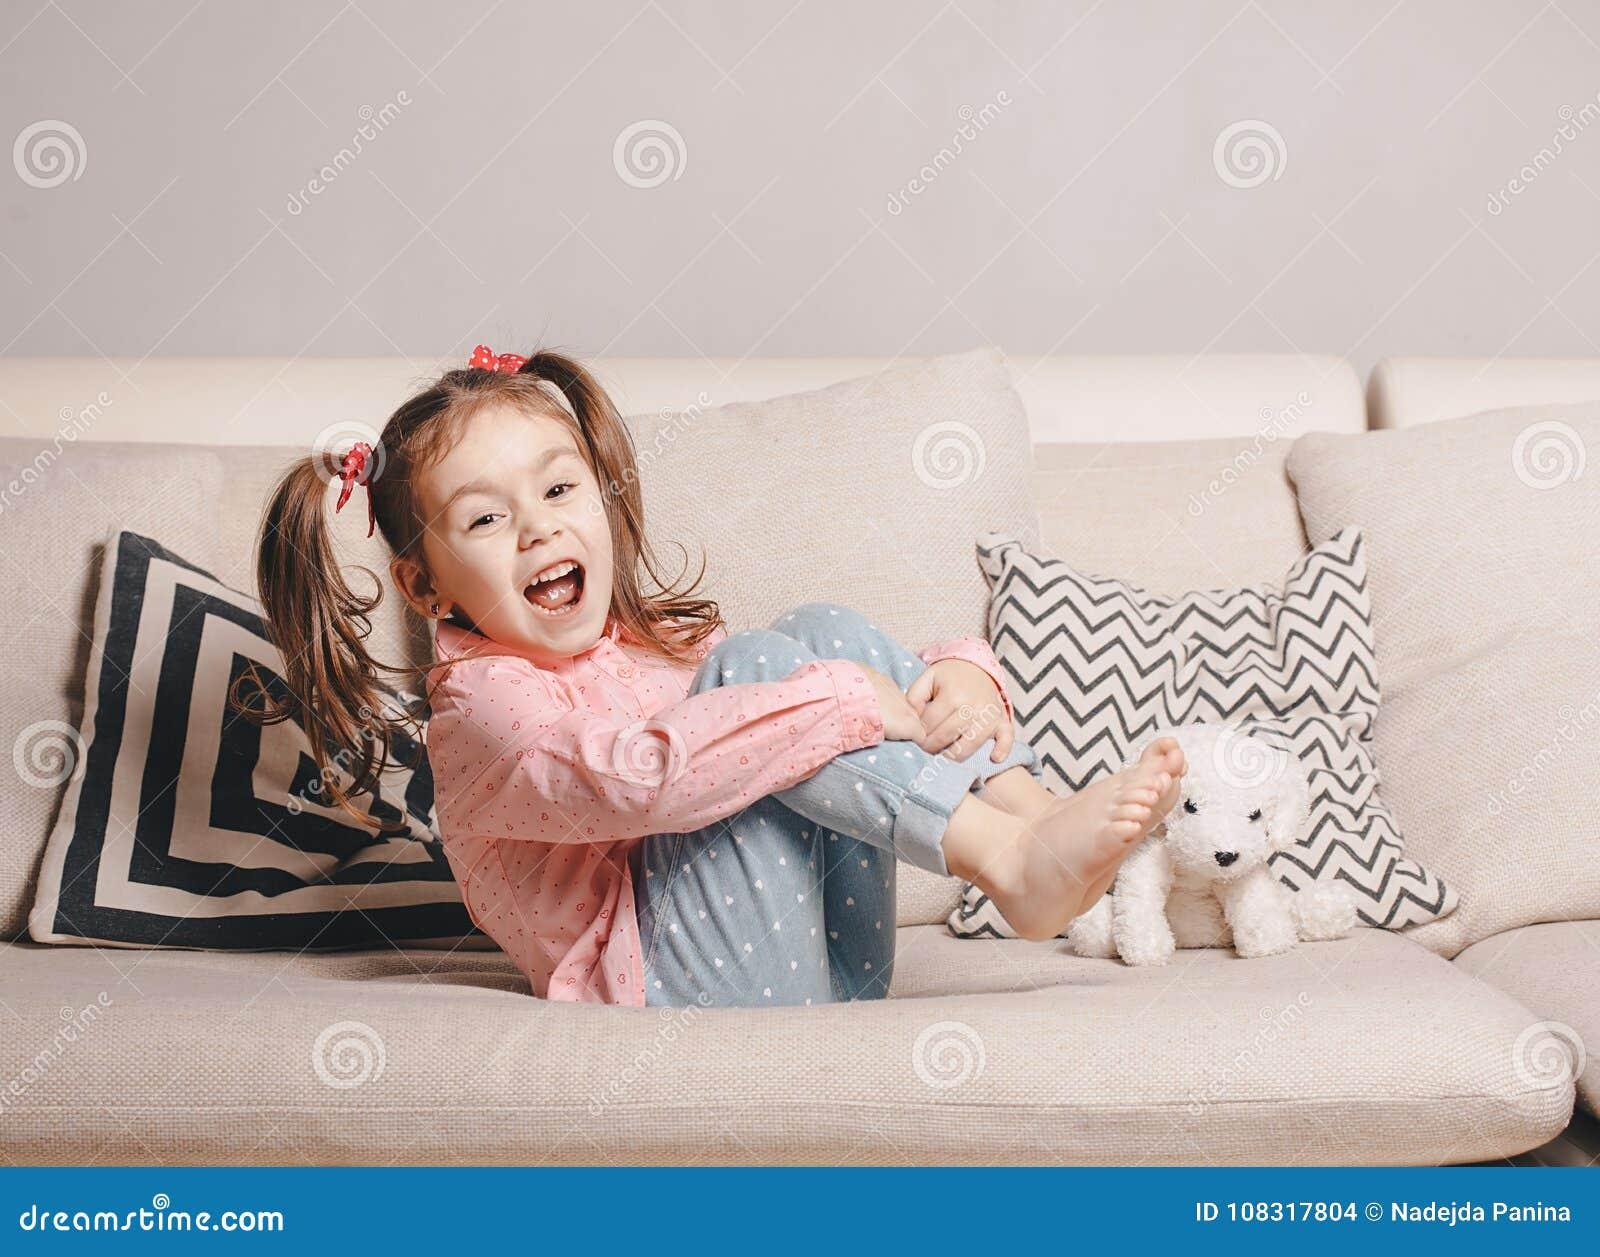 Niña bastante feliz en sentarse que lleva casual en el sofá con el perro de juguete y la sonrisa